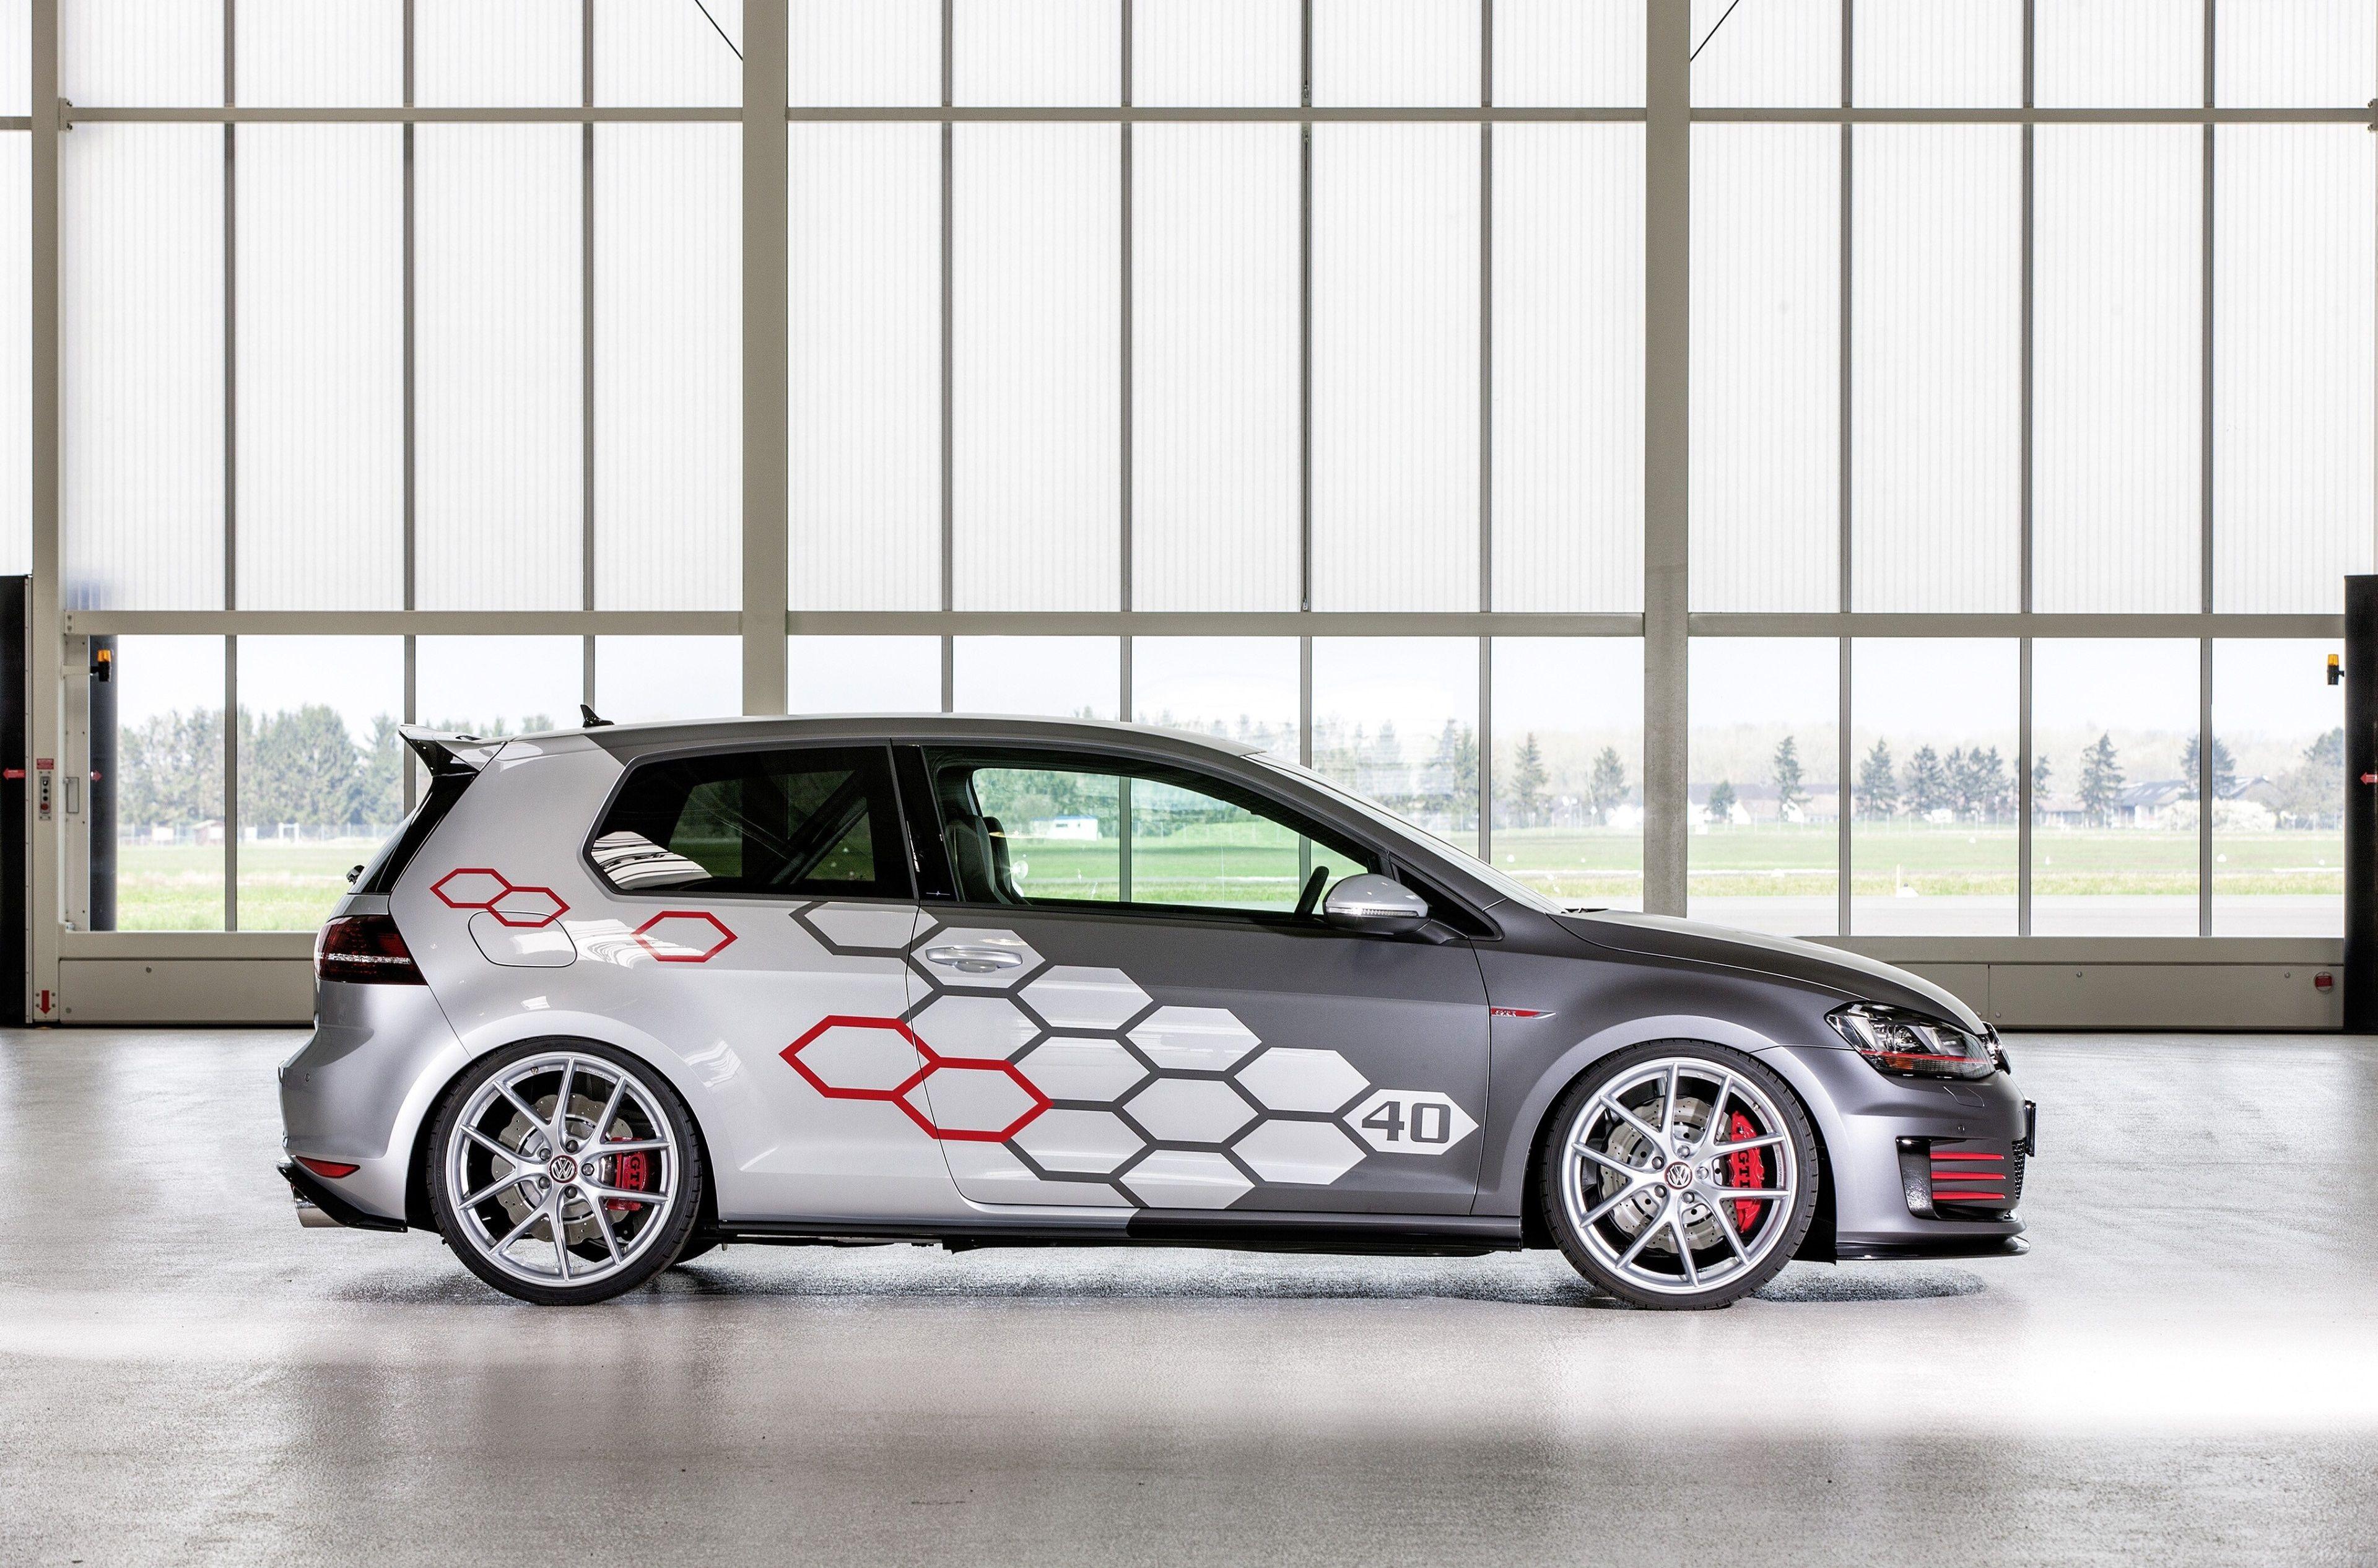 3840x2532 Volkswagen Golf Gti Heartbeat 4k New Wallpapers Full Hd Golf Gti Volkswagen Golf Gti Volkswagen Polo Gti